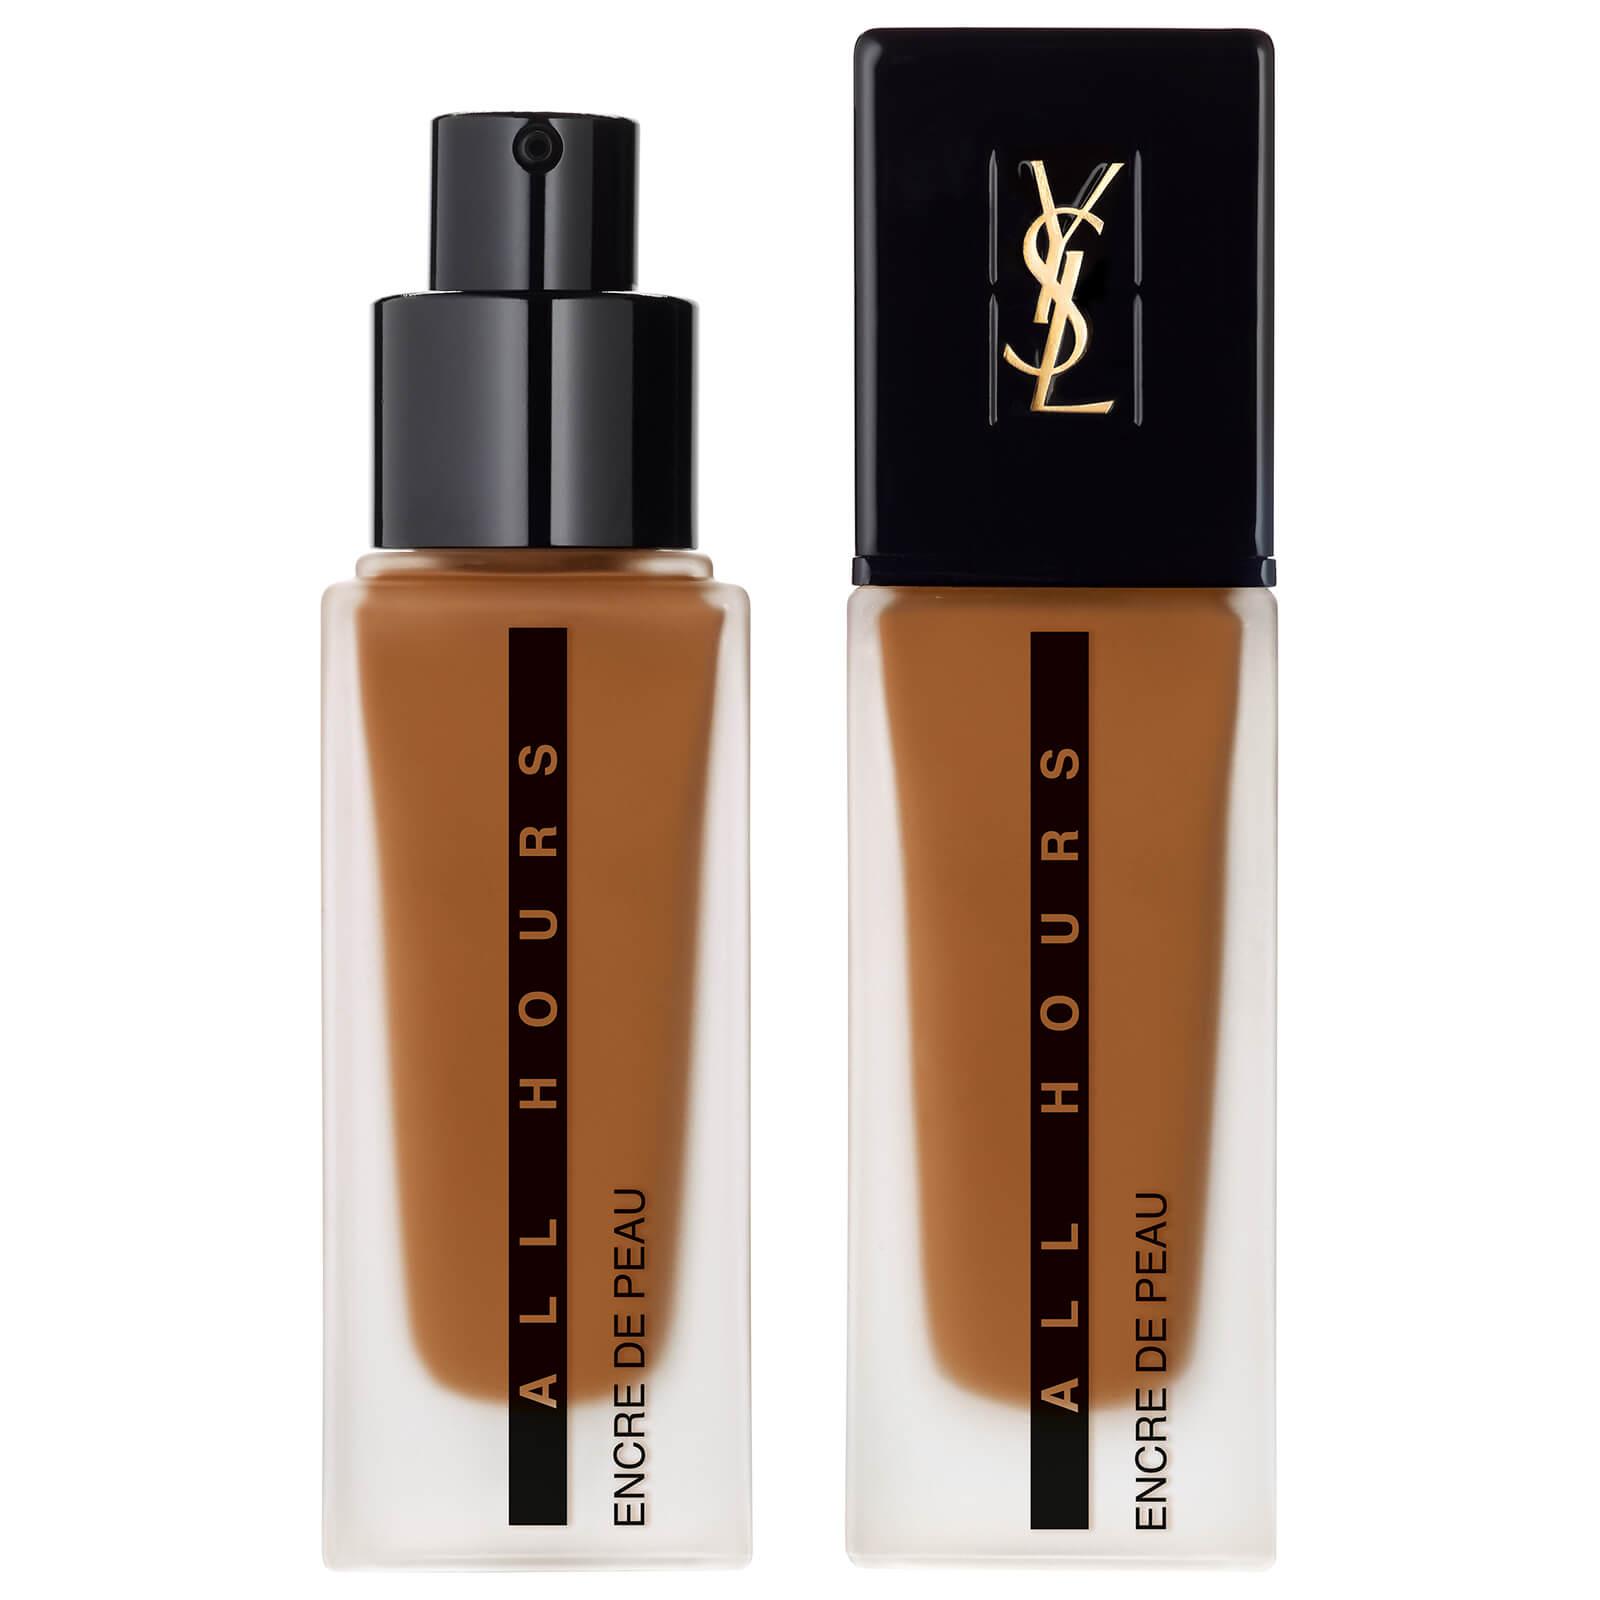 Encre de peau « All Hours » Yves Saint Laurent 25 ml (différentes teintes disponibles) - B85